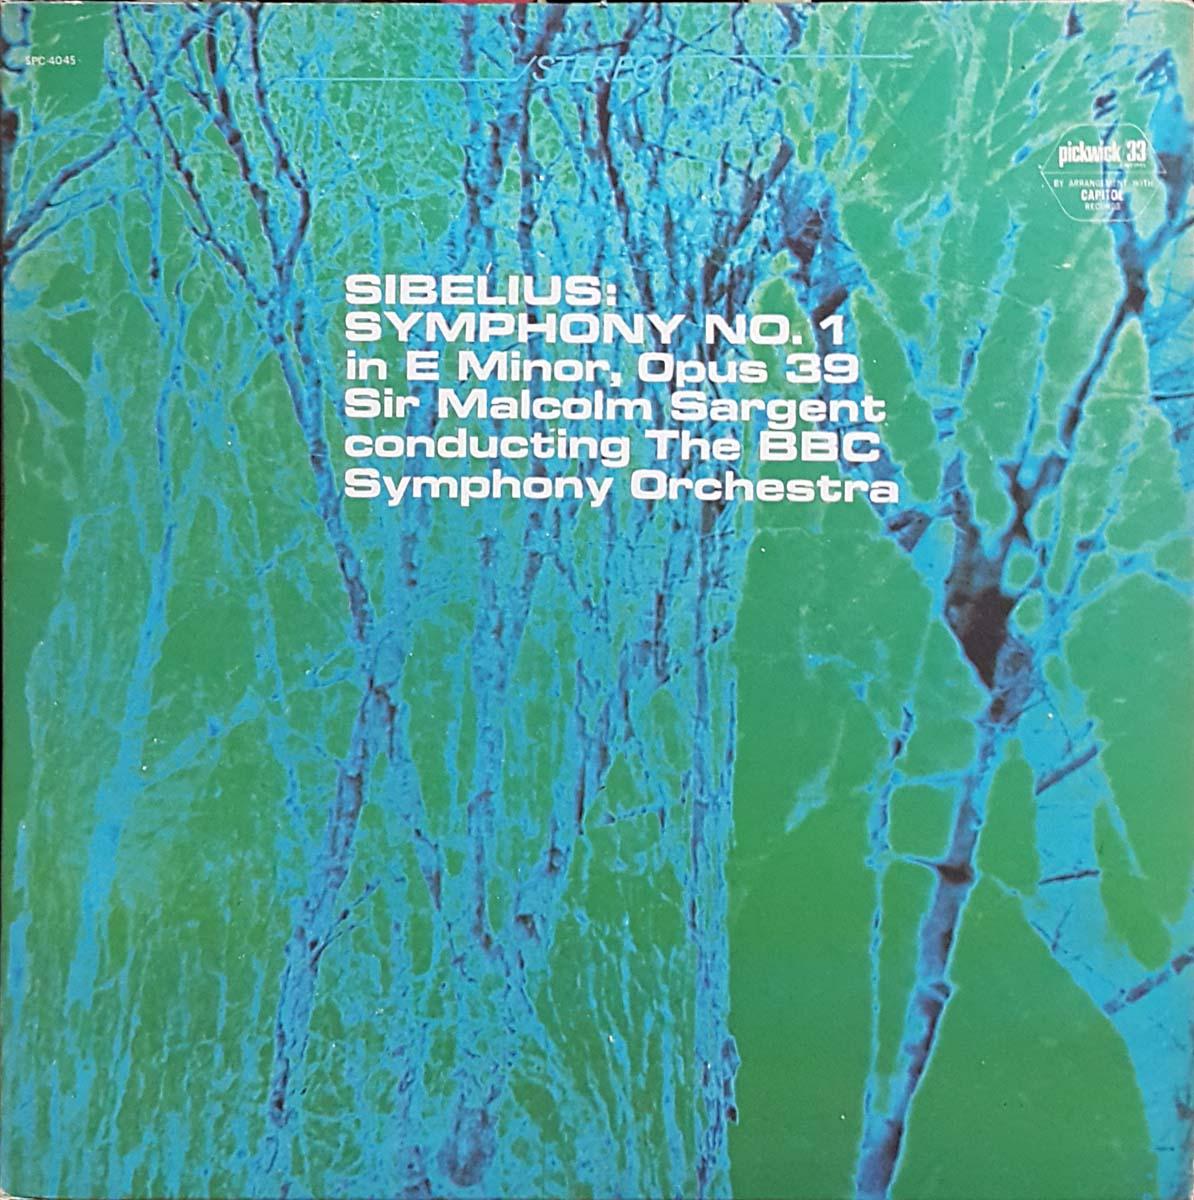 시벨리우스; 교향곡 1번 - 사전트/BBC so.(Pickwi..